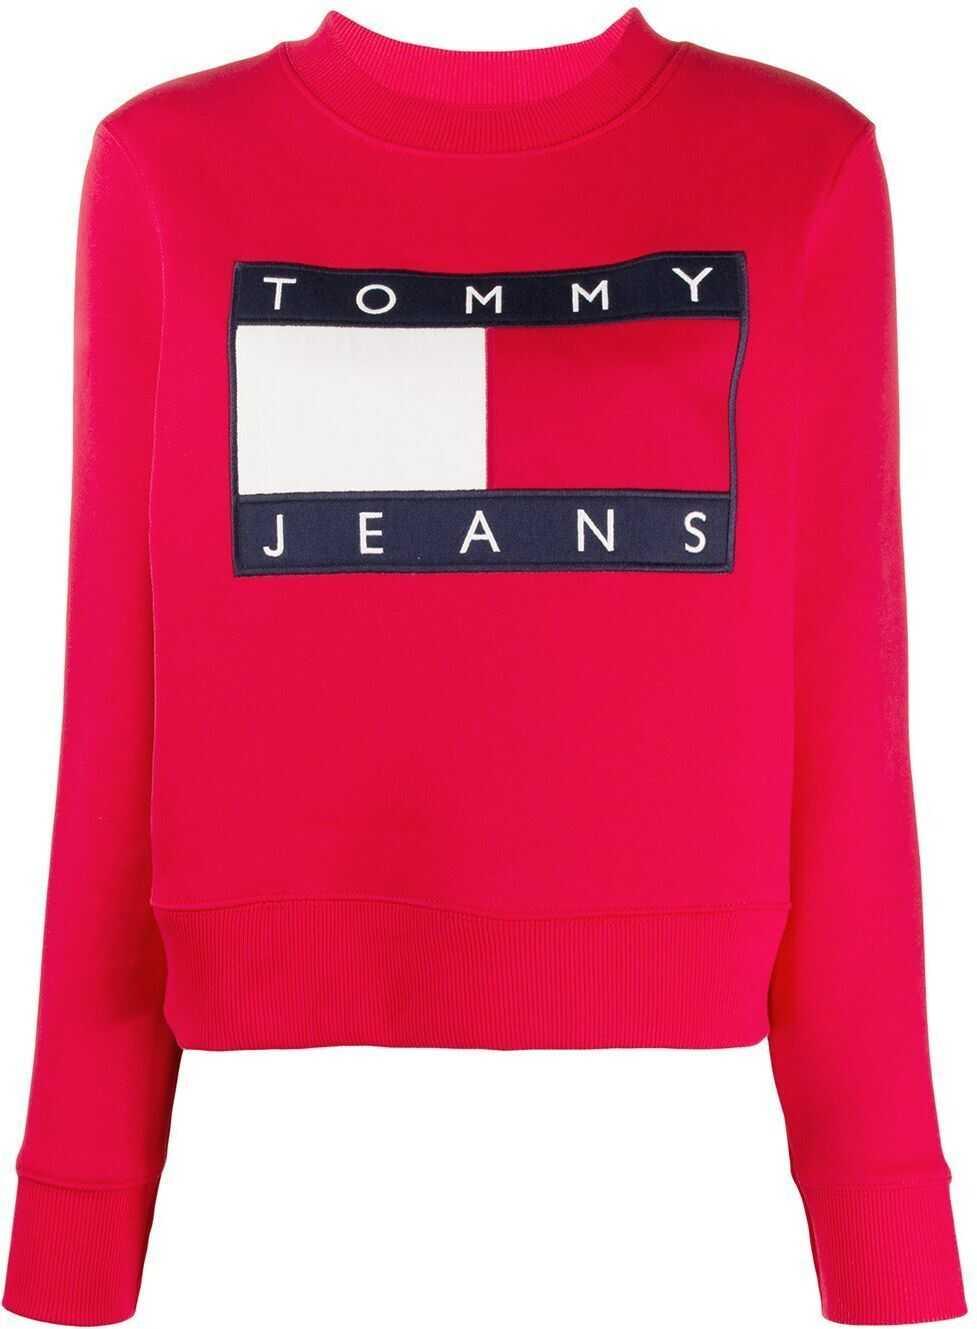 Tommy Hilfiger Cotton Sweatshirt RED